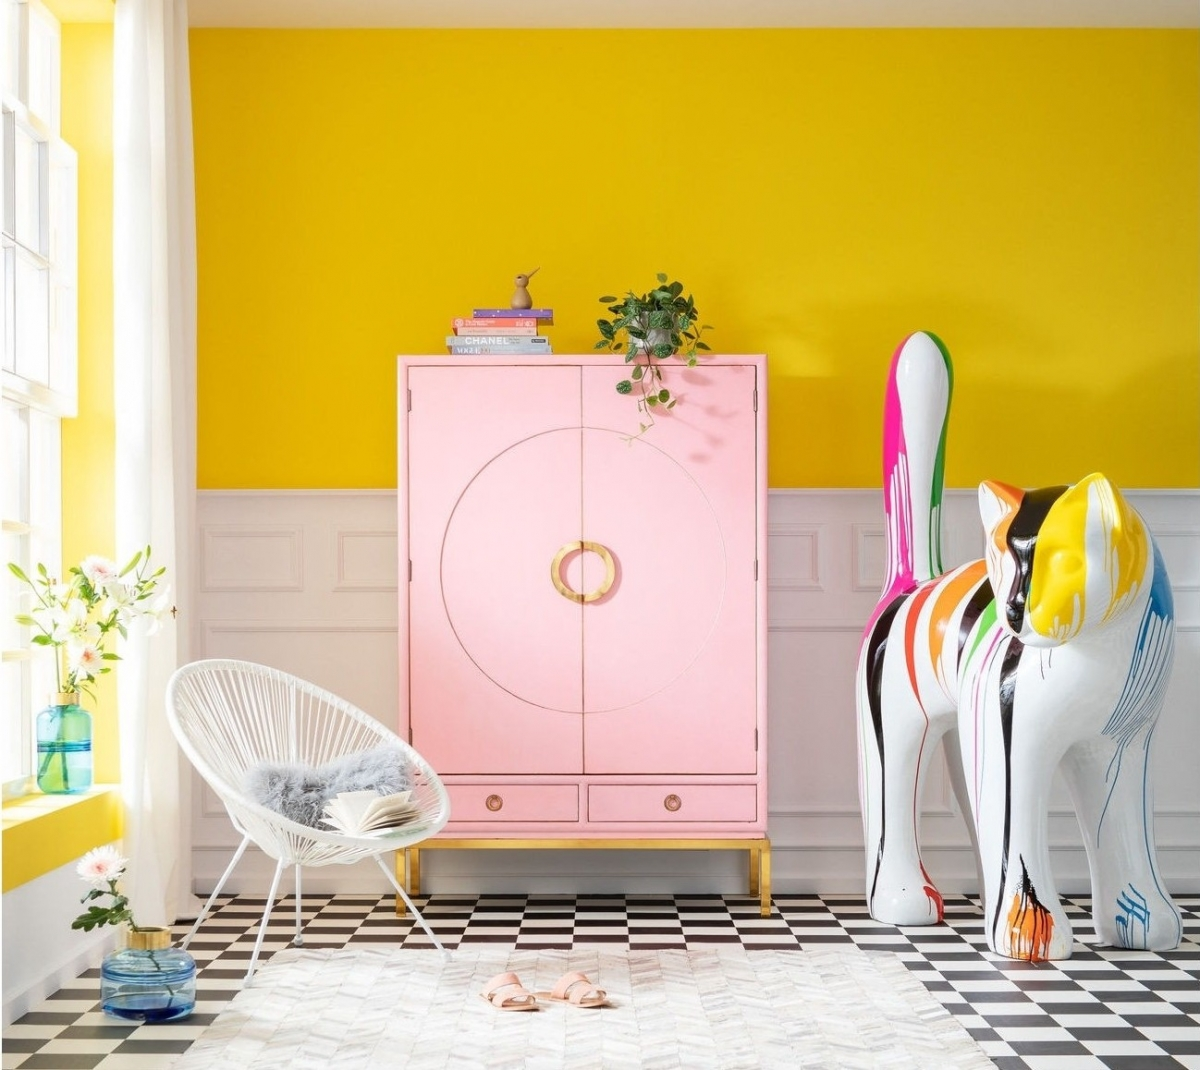 Детская комната для Алисы в Стране чудес